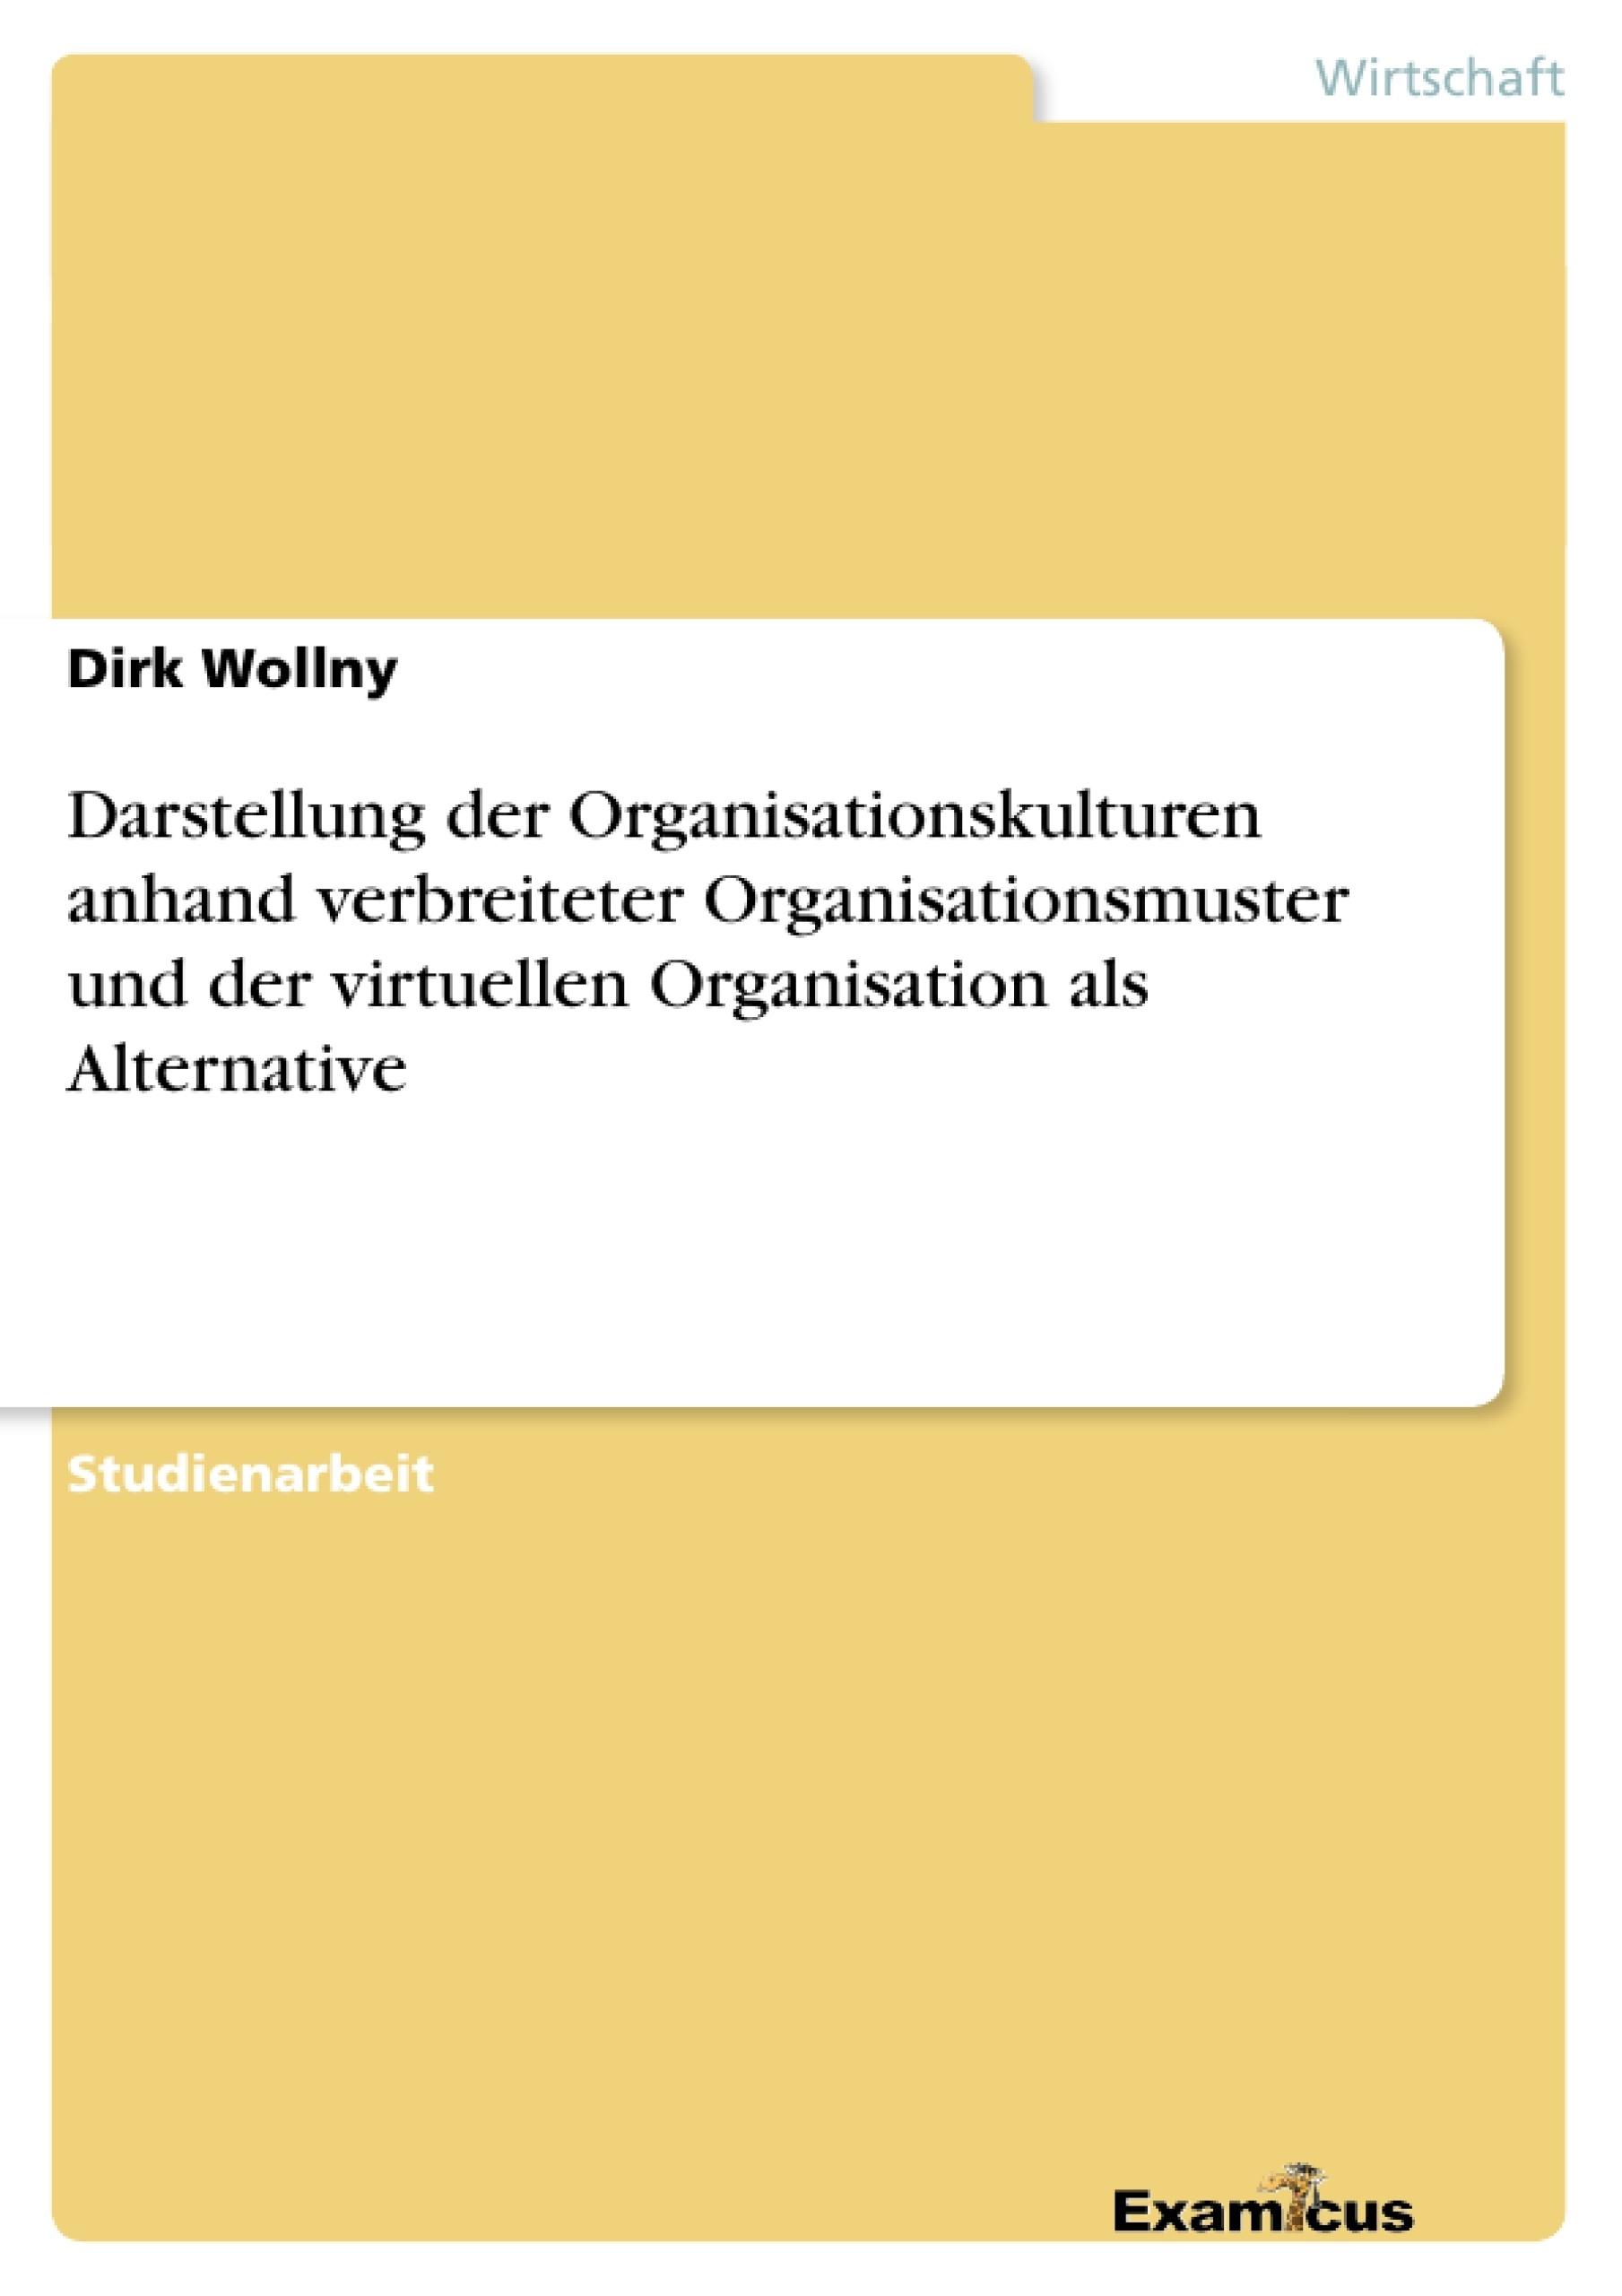 Titel: Darstellung der Organisationskulturen anhand verbreiteter Organisationsmuster und der virtuellen Organisation als Alternative